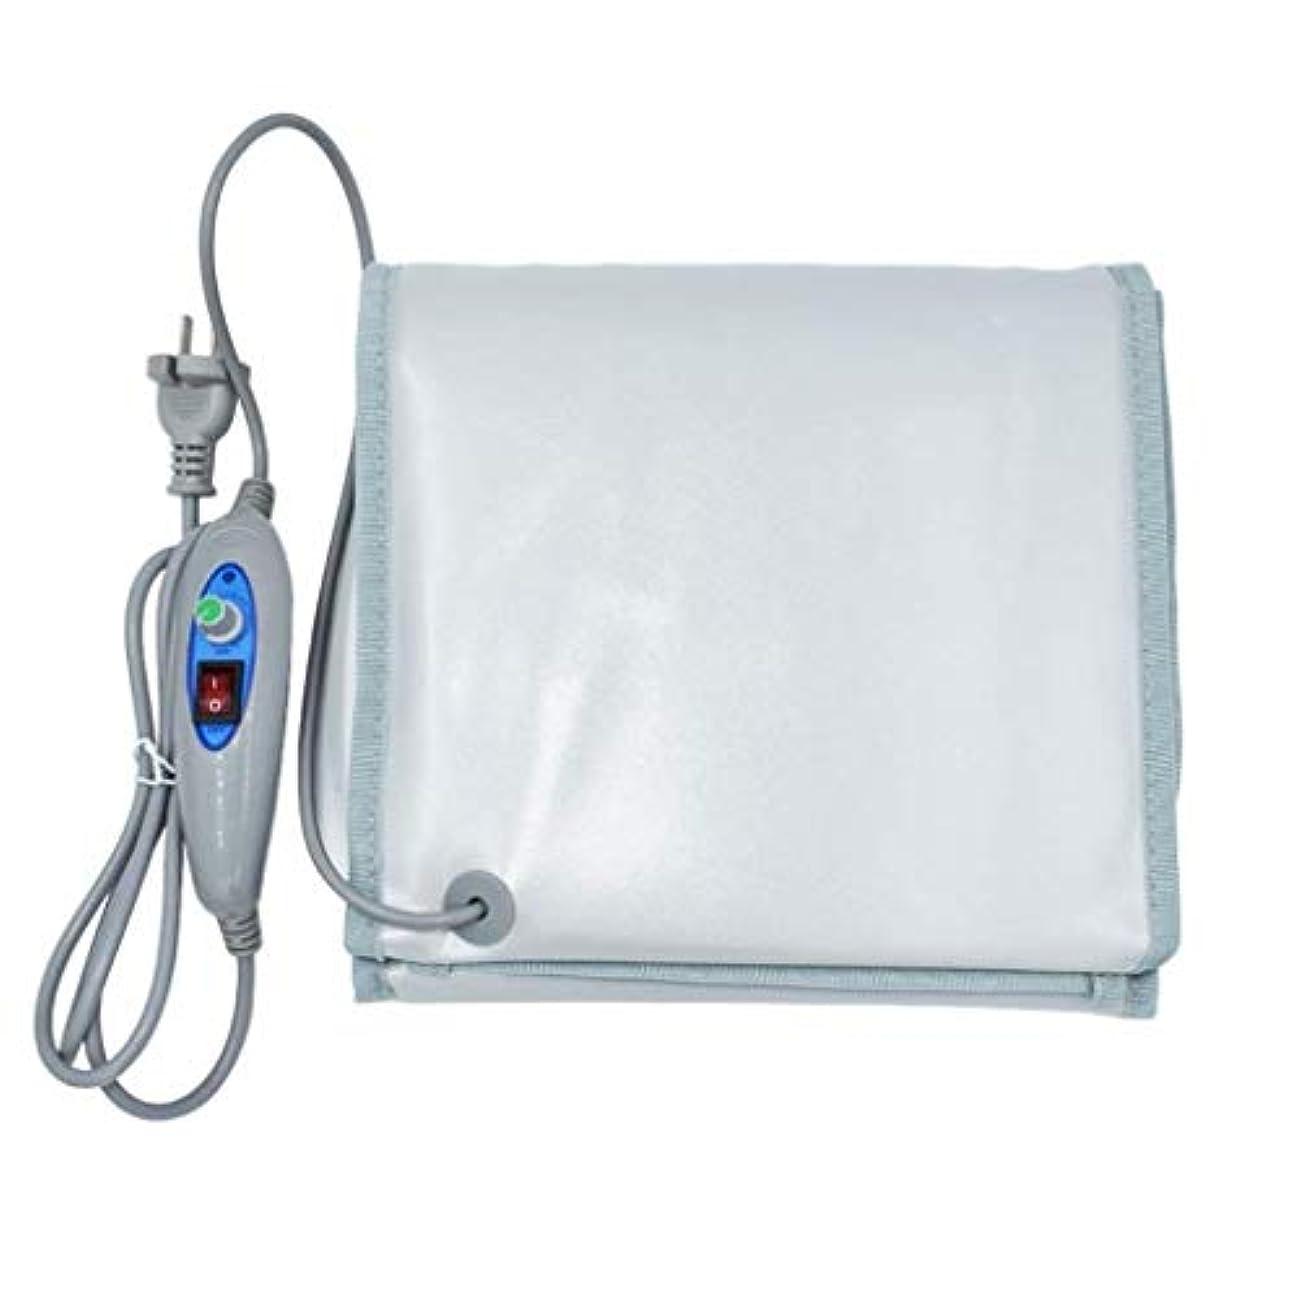 吸収スーツケース櫛ウエストマッサージャー、Slim身ベルト、振動マッサージ機能、加熱Slim身ベルト、細い太もも、余分な脂肪の削減、ウエストSlim身ベルト電気加熱